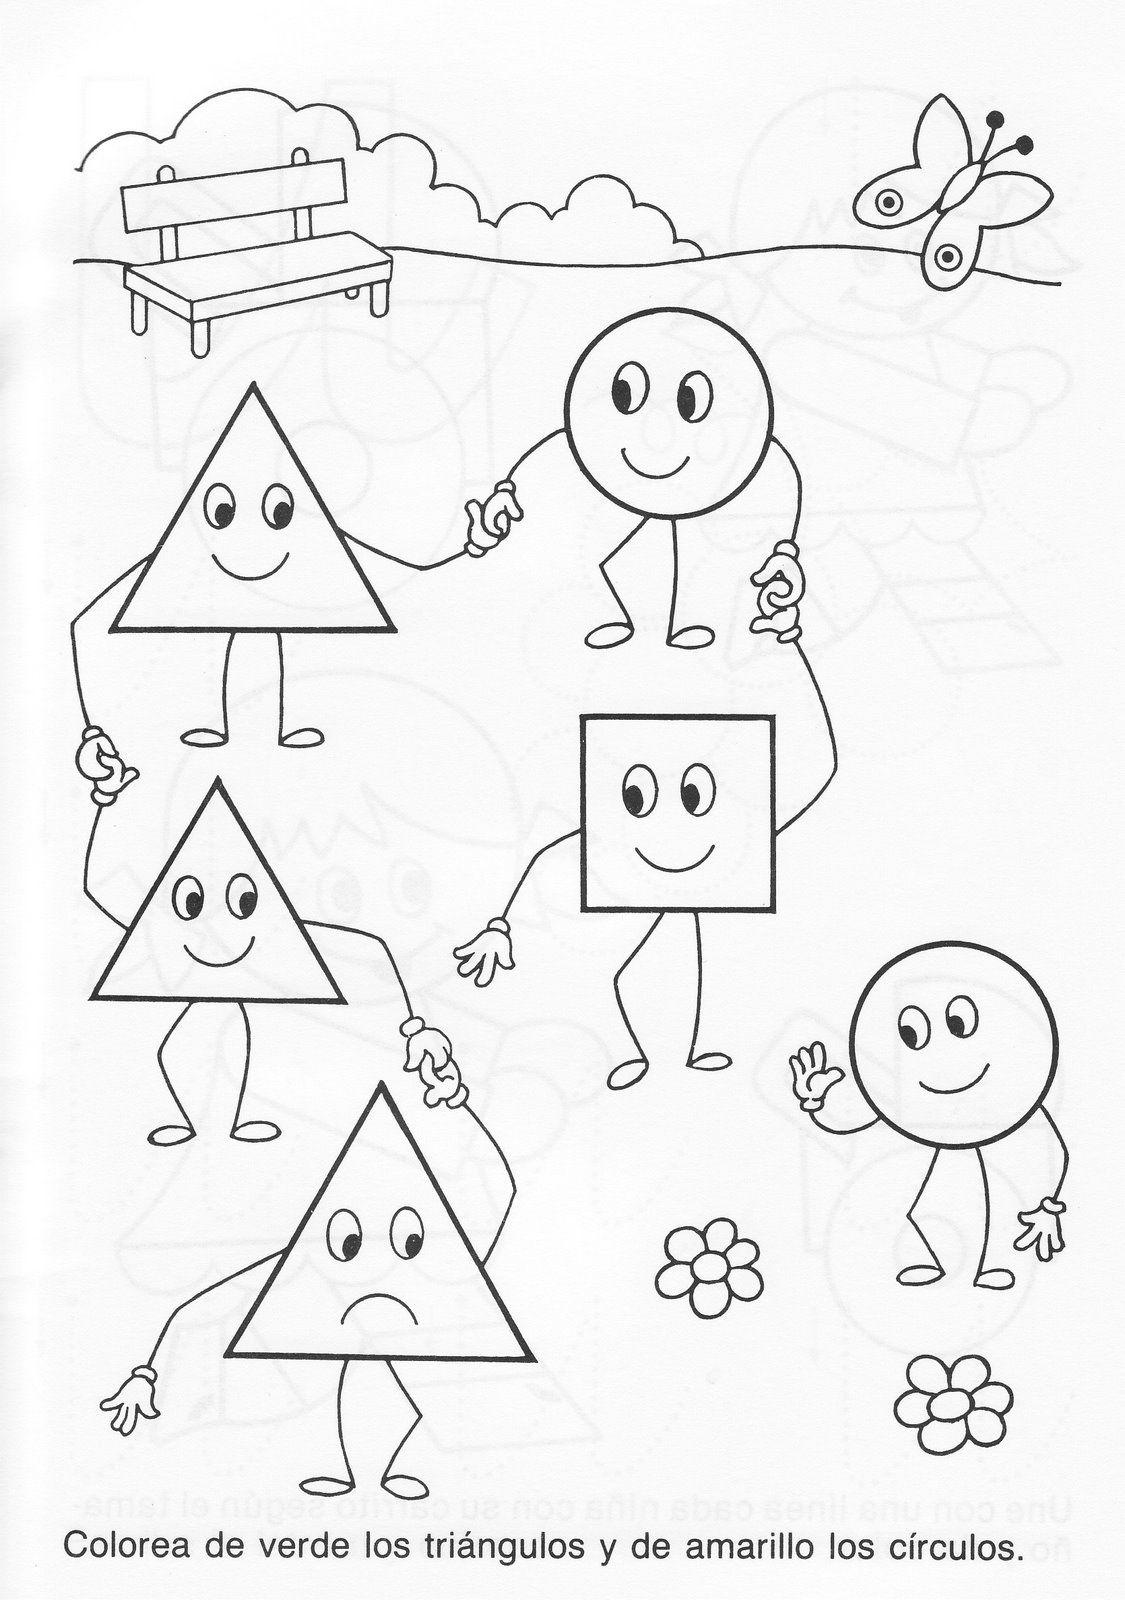 fichas sobre formas geométricas - pré-escolar - Pesquisa Google ...